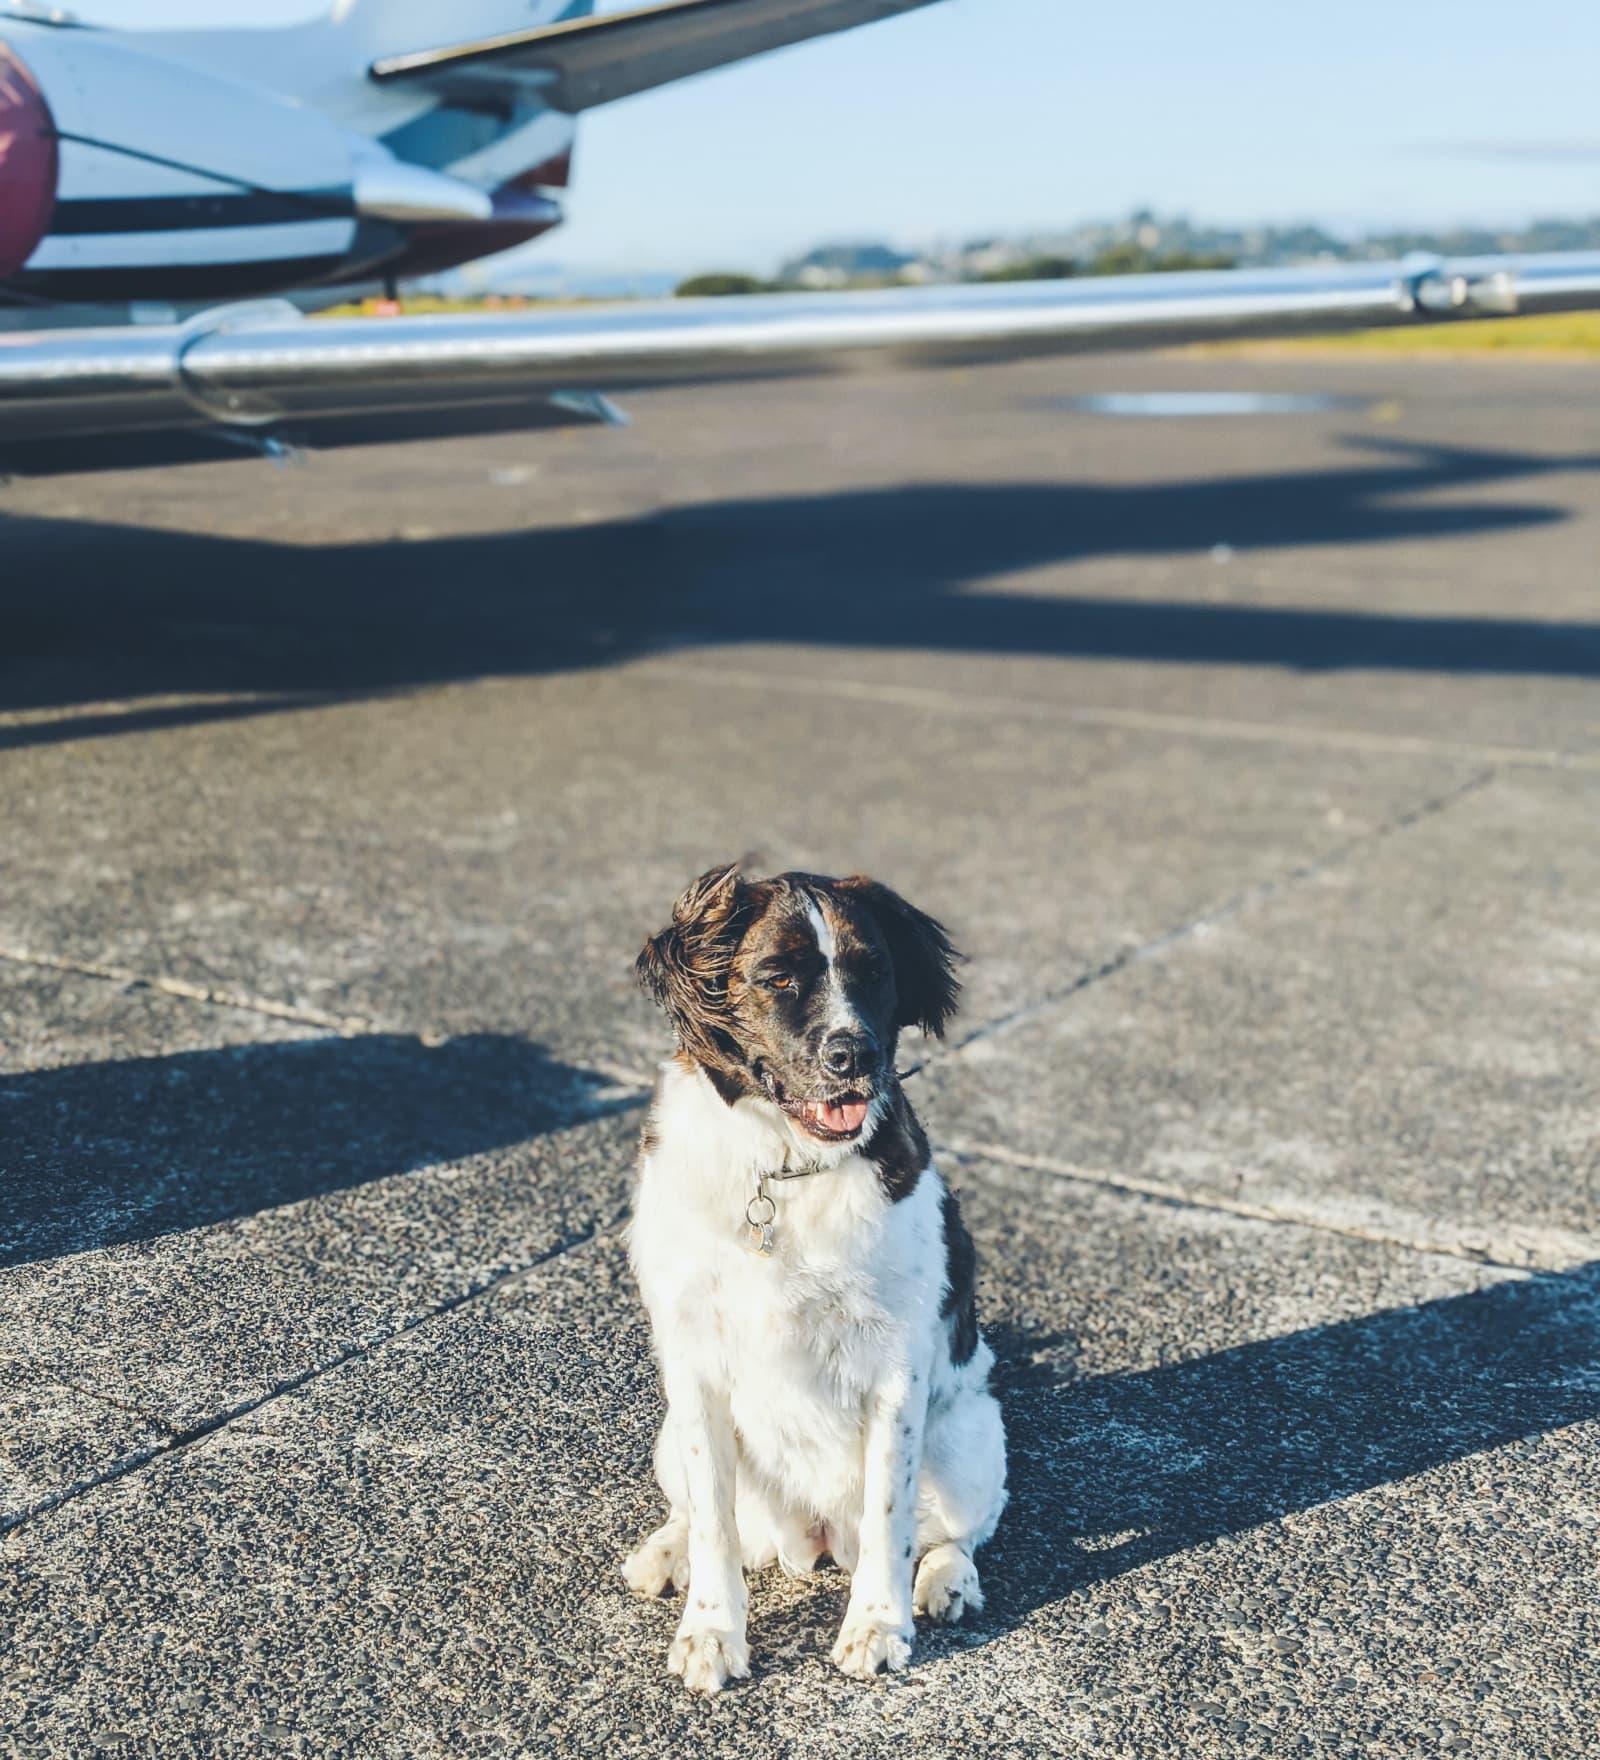 Dog Near Airplace